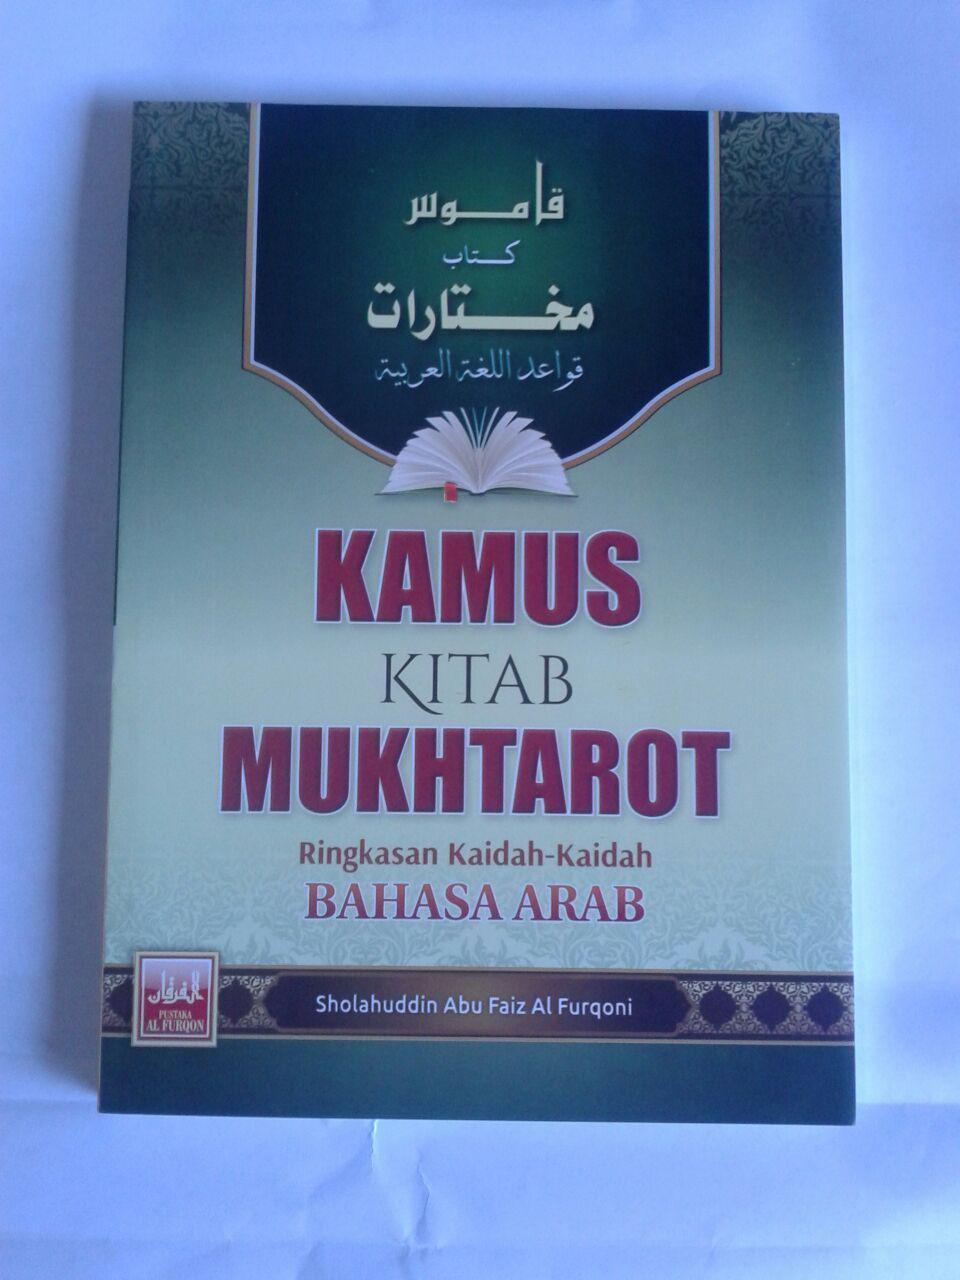 Buku Kamus Kitab Mukhtarot Ringkasan Kaidah Bahasa Arab cover 2